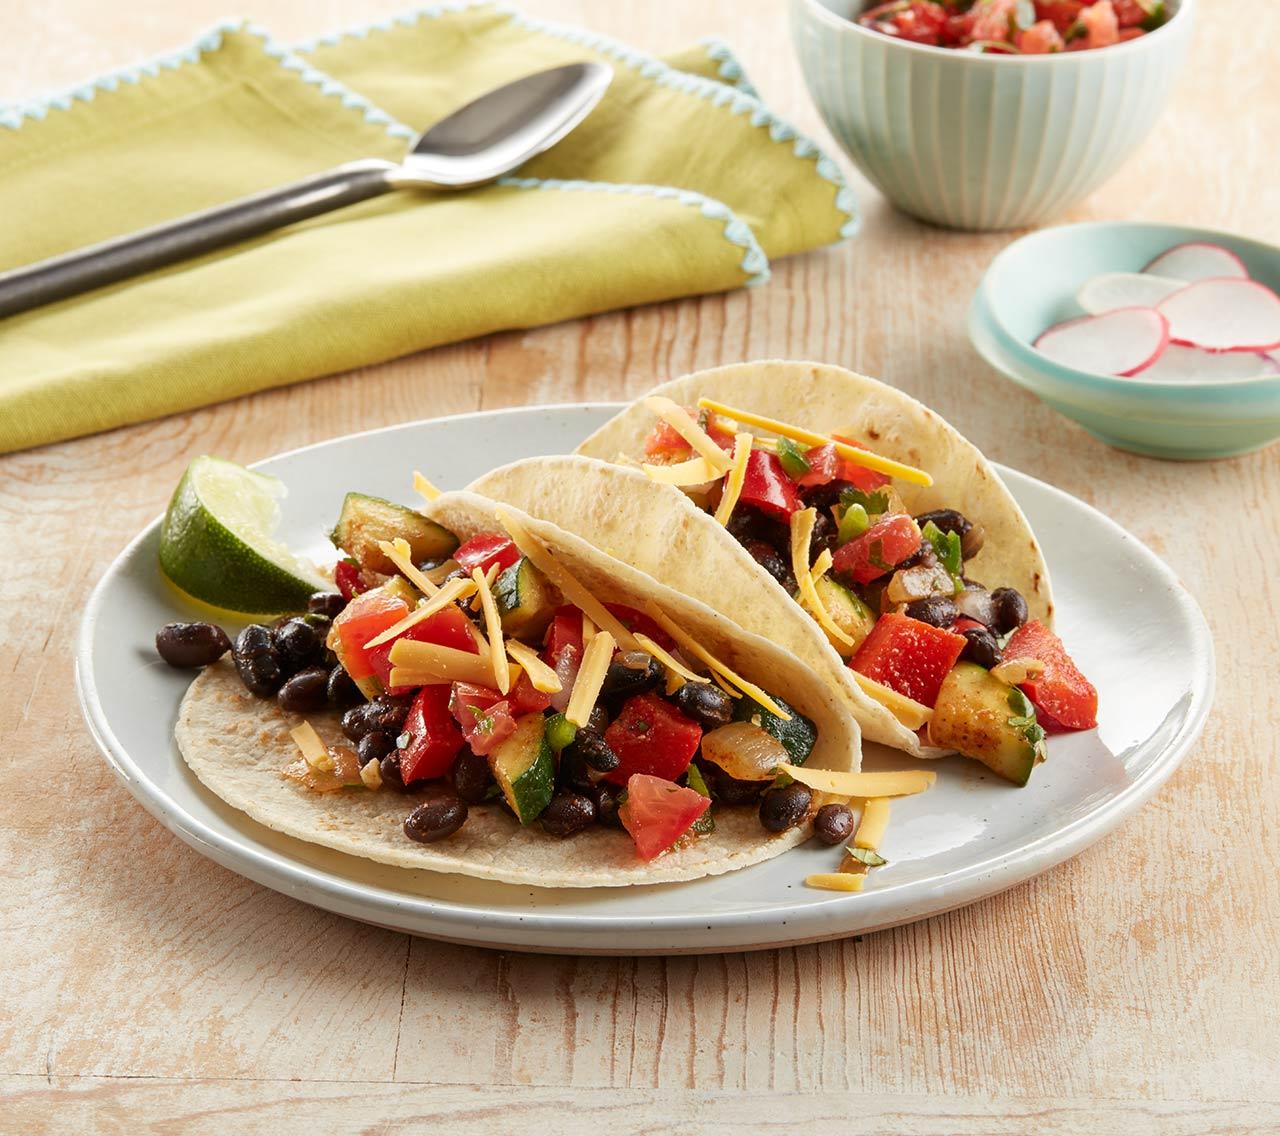 Tacos aux haricots noirs végétaliens